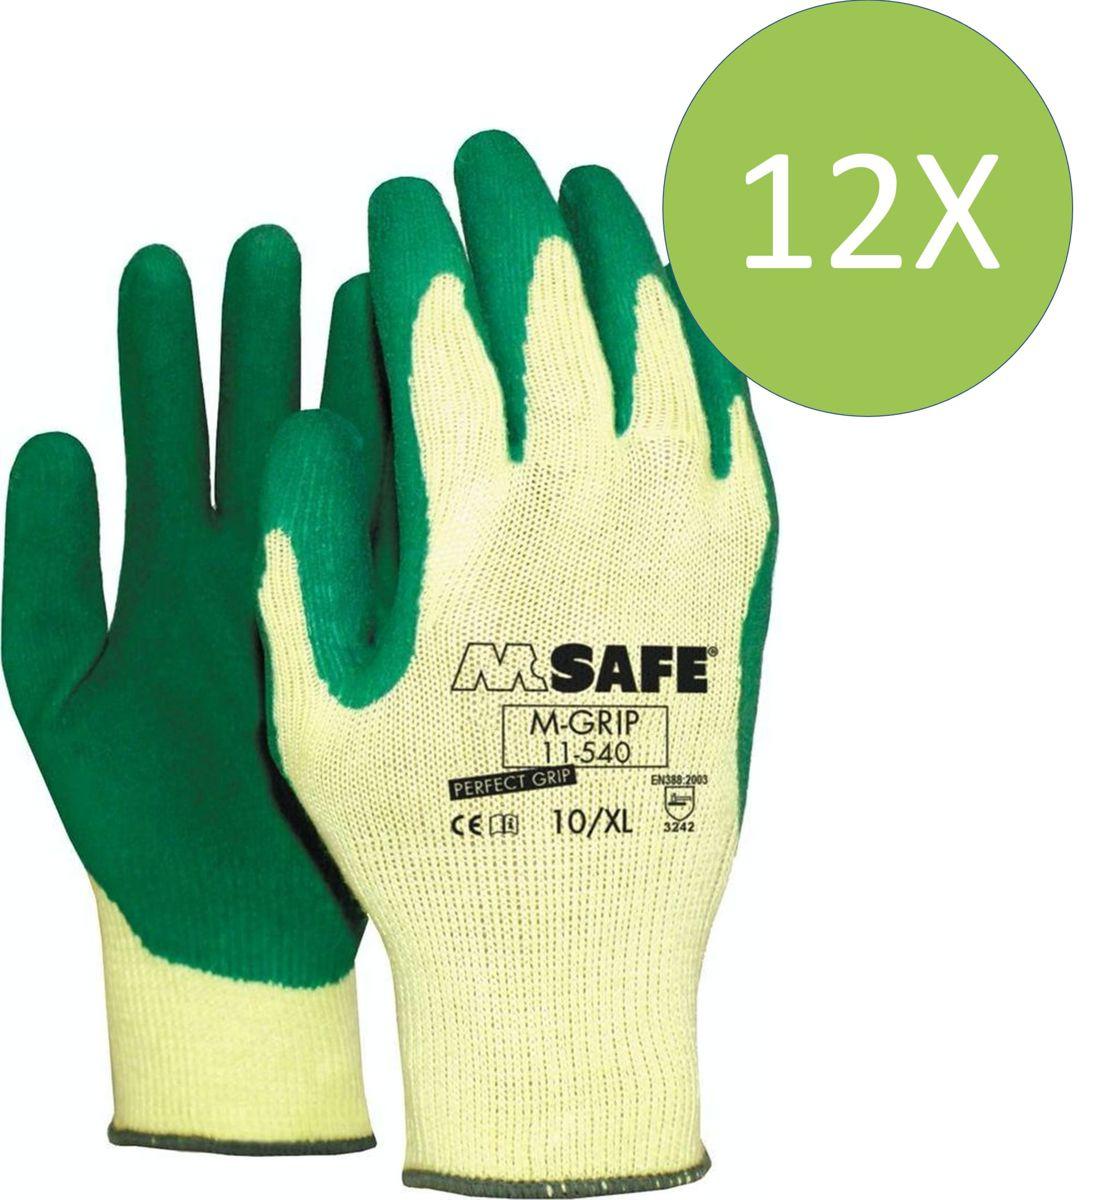 M-grip handschoen 11-540 - 10 - 12 paar